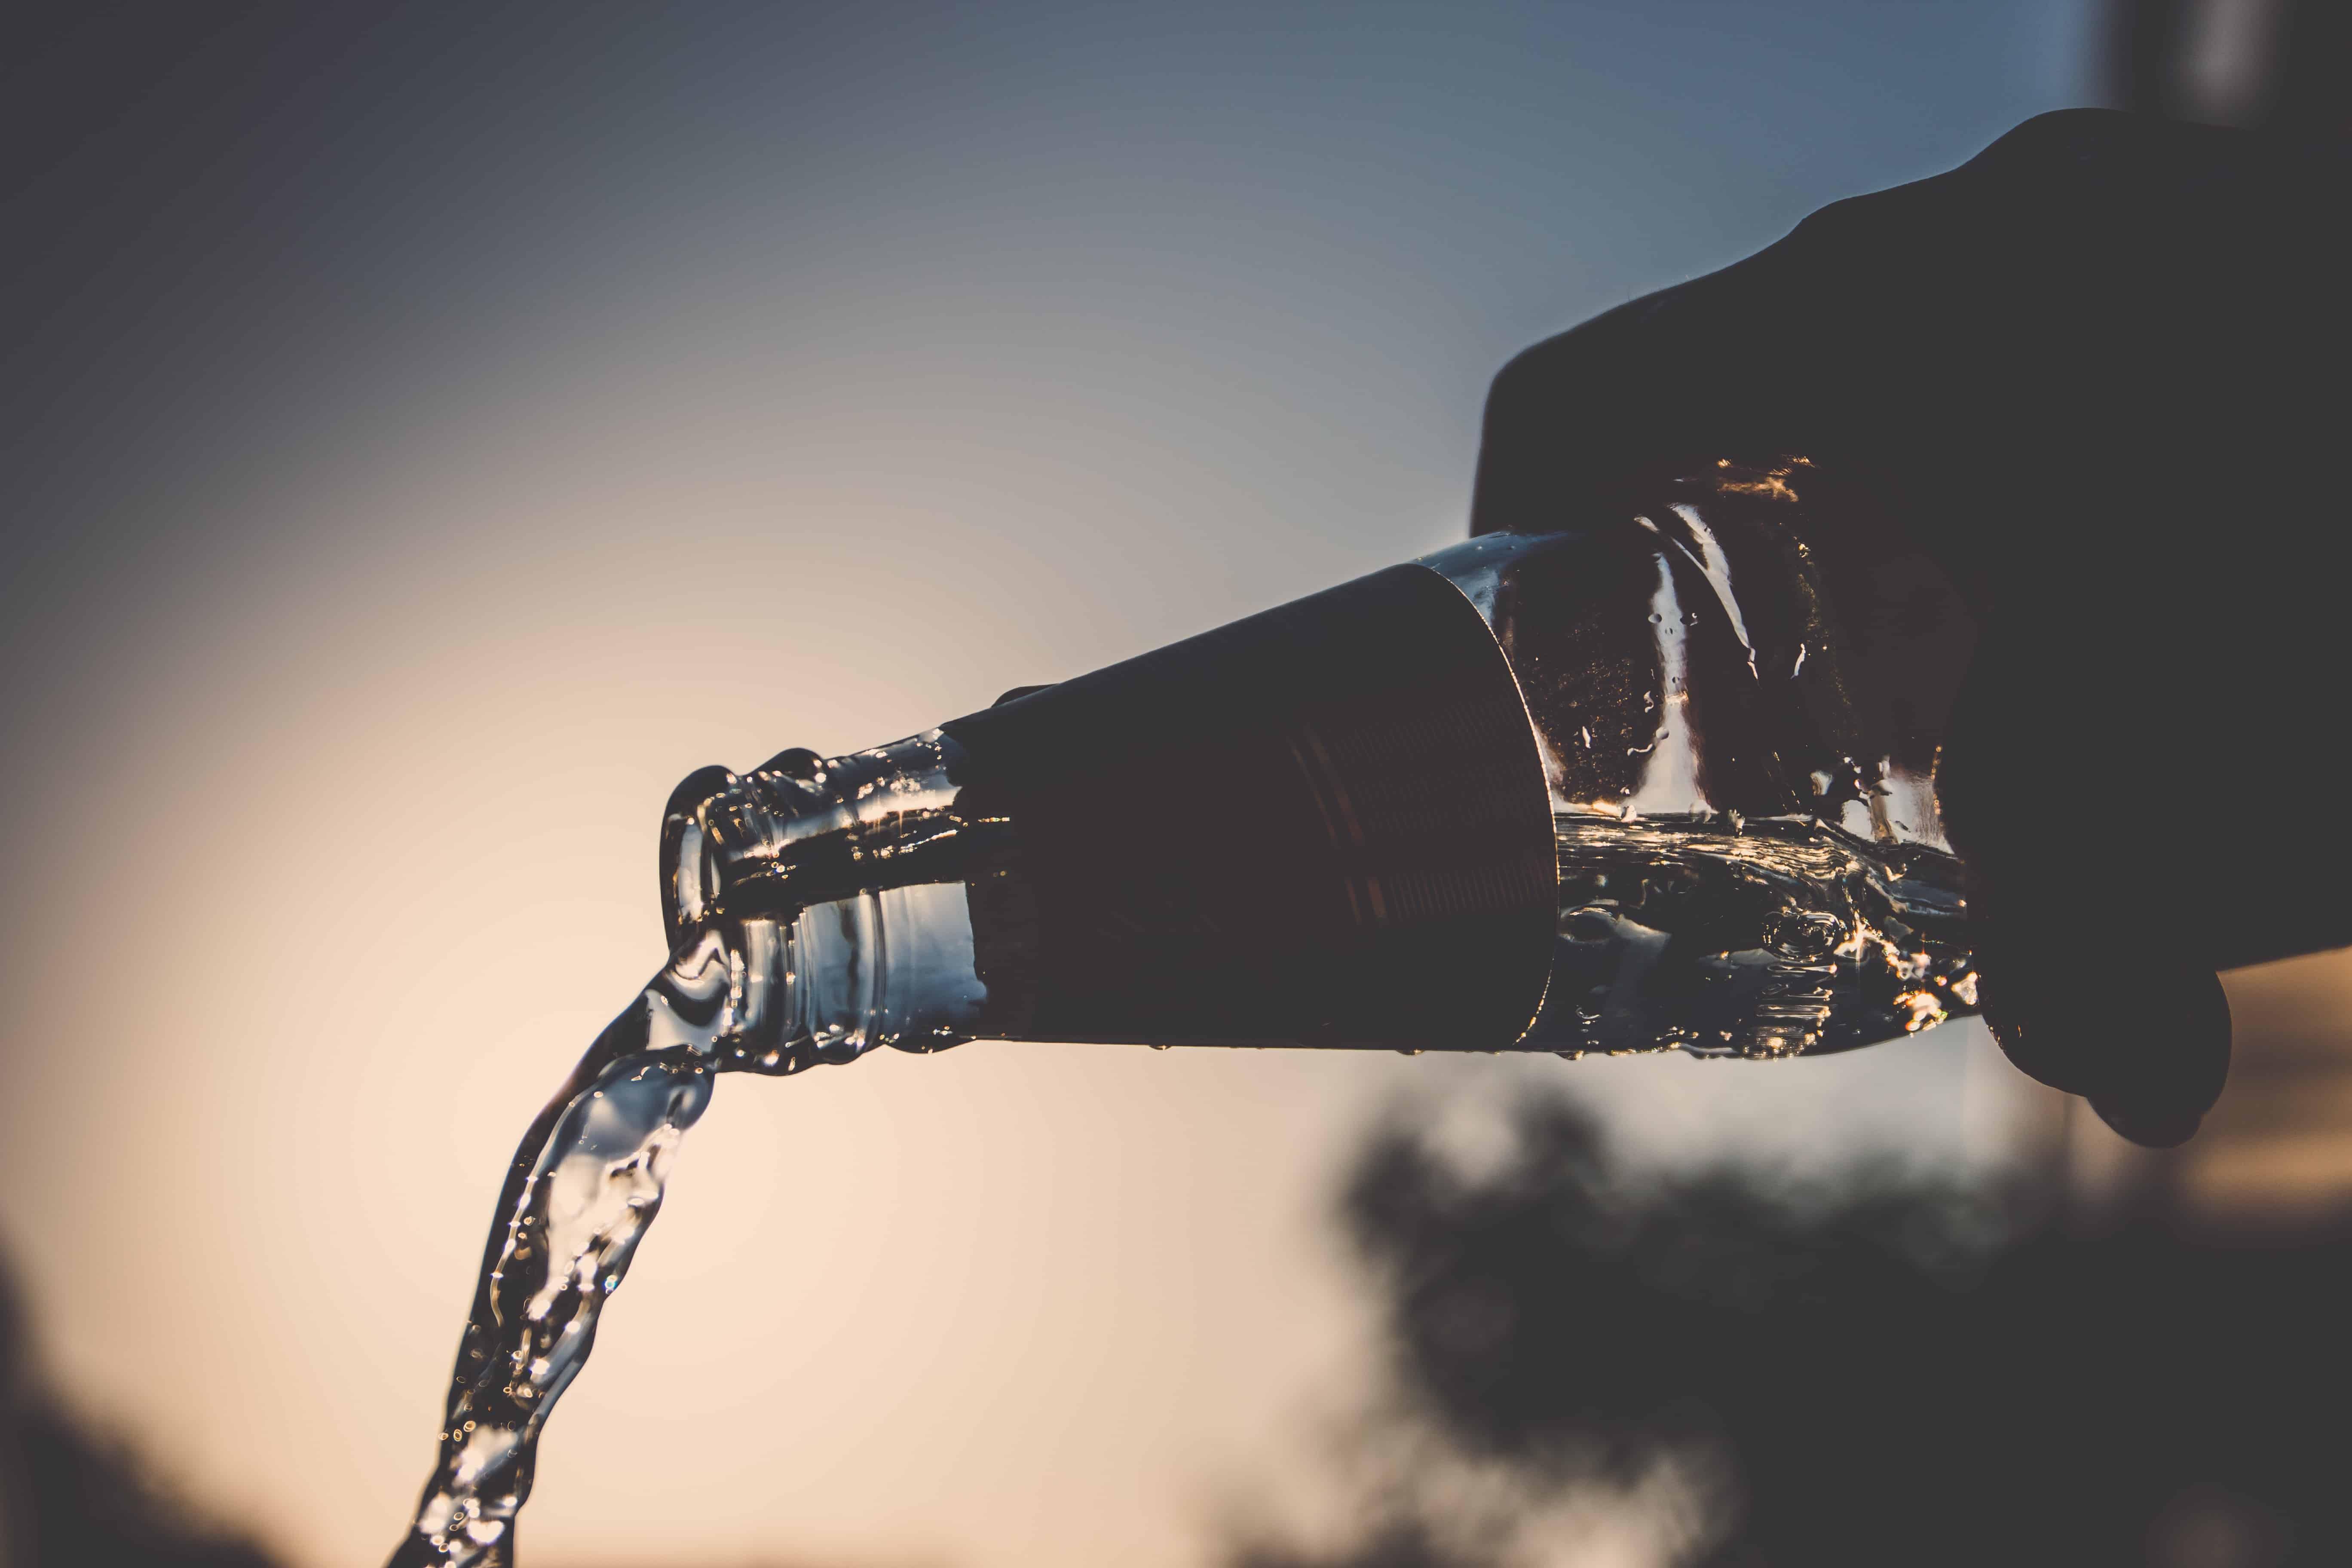 Milionário sem milhões - Ian Borges - água